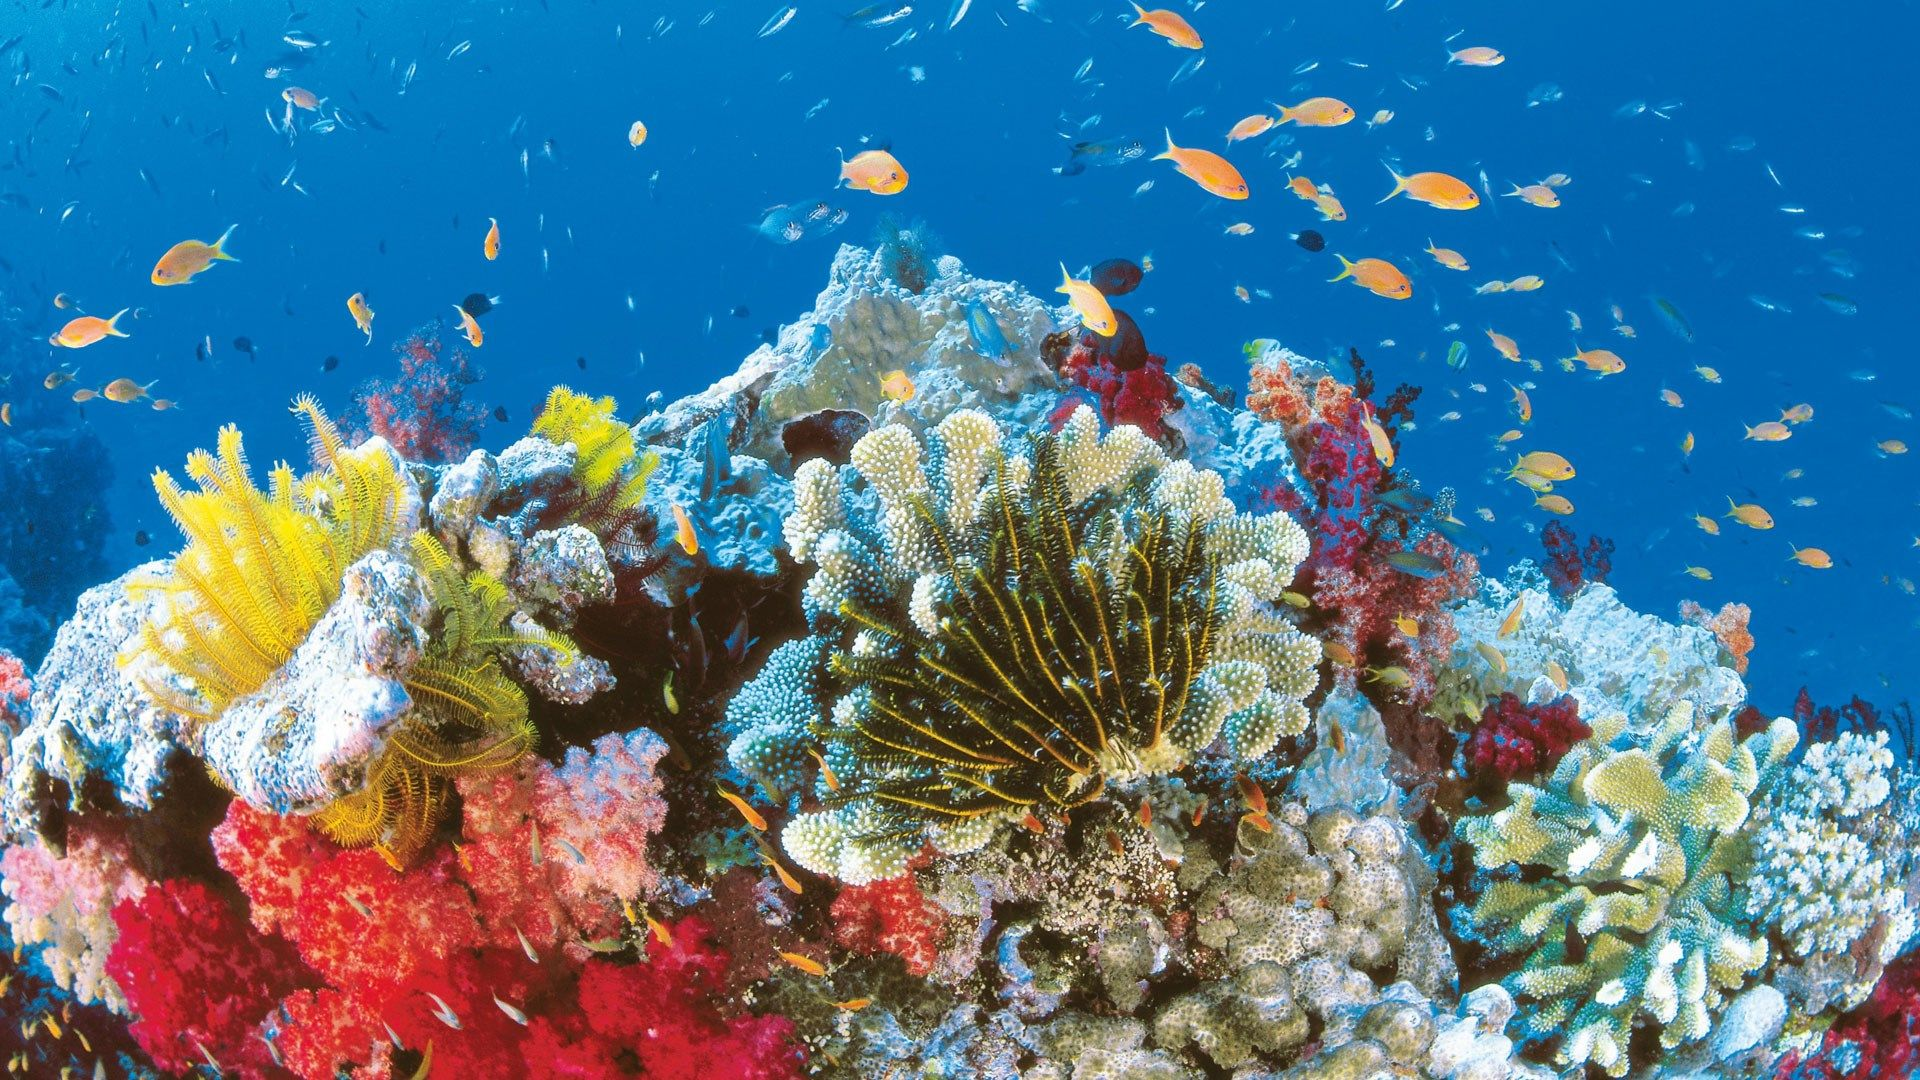 Hd wallpaper environment - High Resolution Barrier Reef Hd Wallpaper 1920x1080